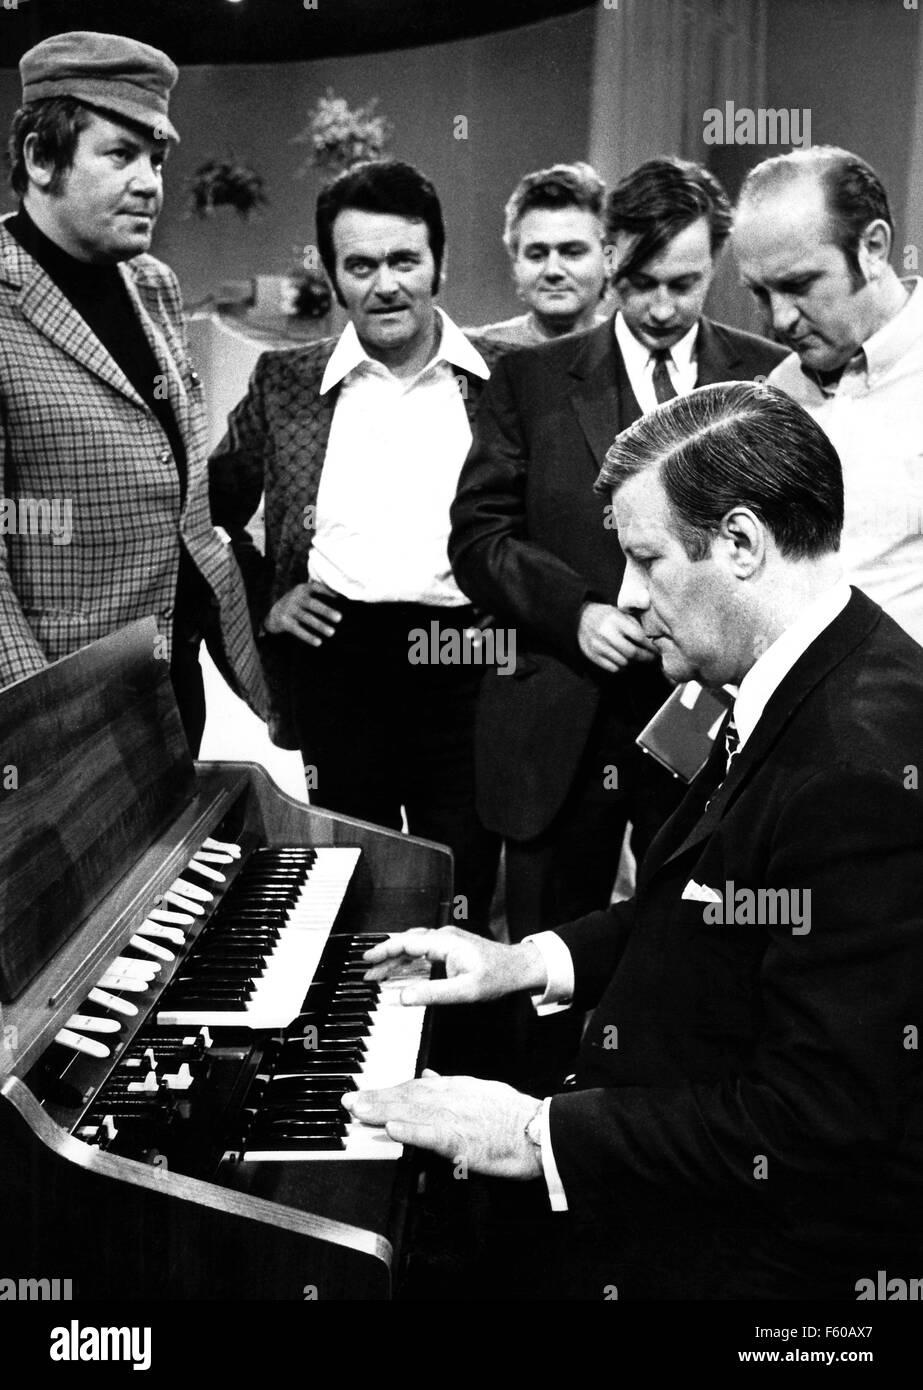 Helmut Schmidt organe joue le 6 juillet 1972 à la ZDF studio à Wiesbaden. Thoelke Wim (L) et Max Greger (2e de gauche) sont l'observant. Le 23 décembre 2003, Schmidt devient l'âge de 85 ans. Banque D'Images